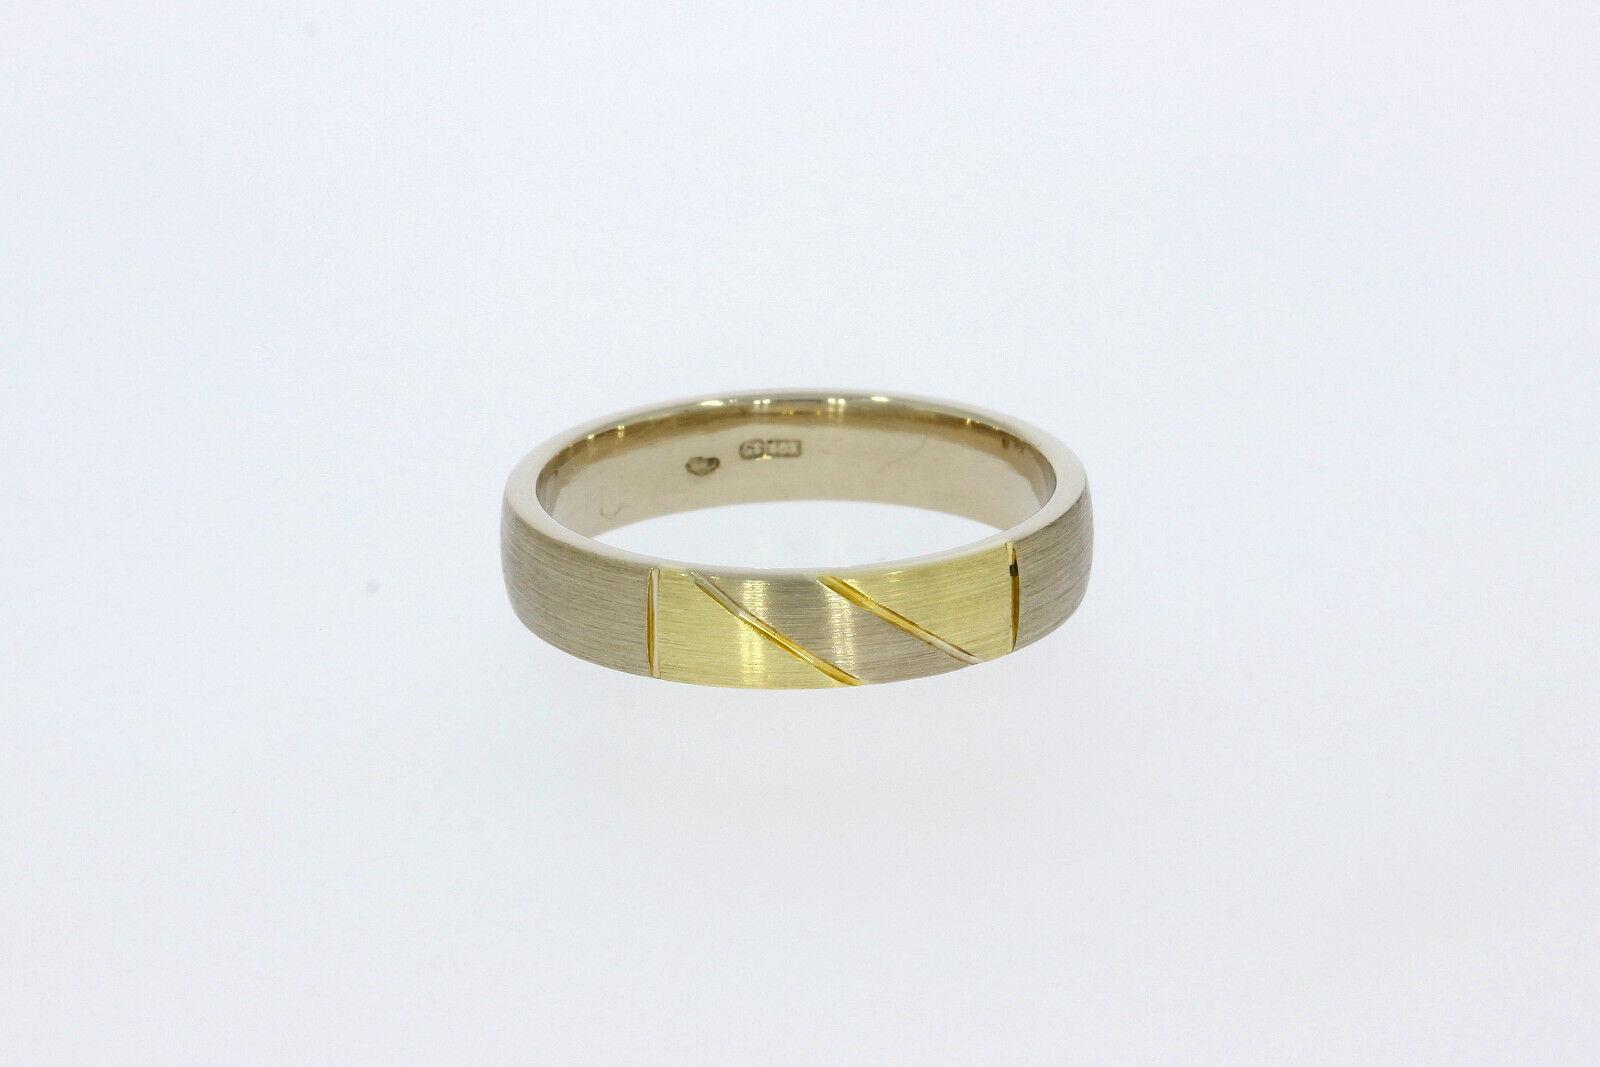 8203-585er W-yellowgold Ehering Ringgroße 66 Breit 5 mm Gewicht 8,2 Gramm